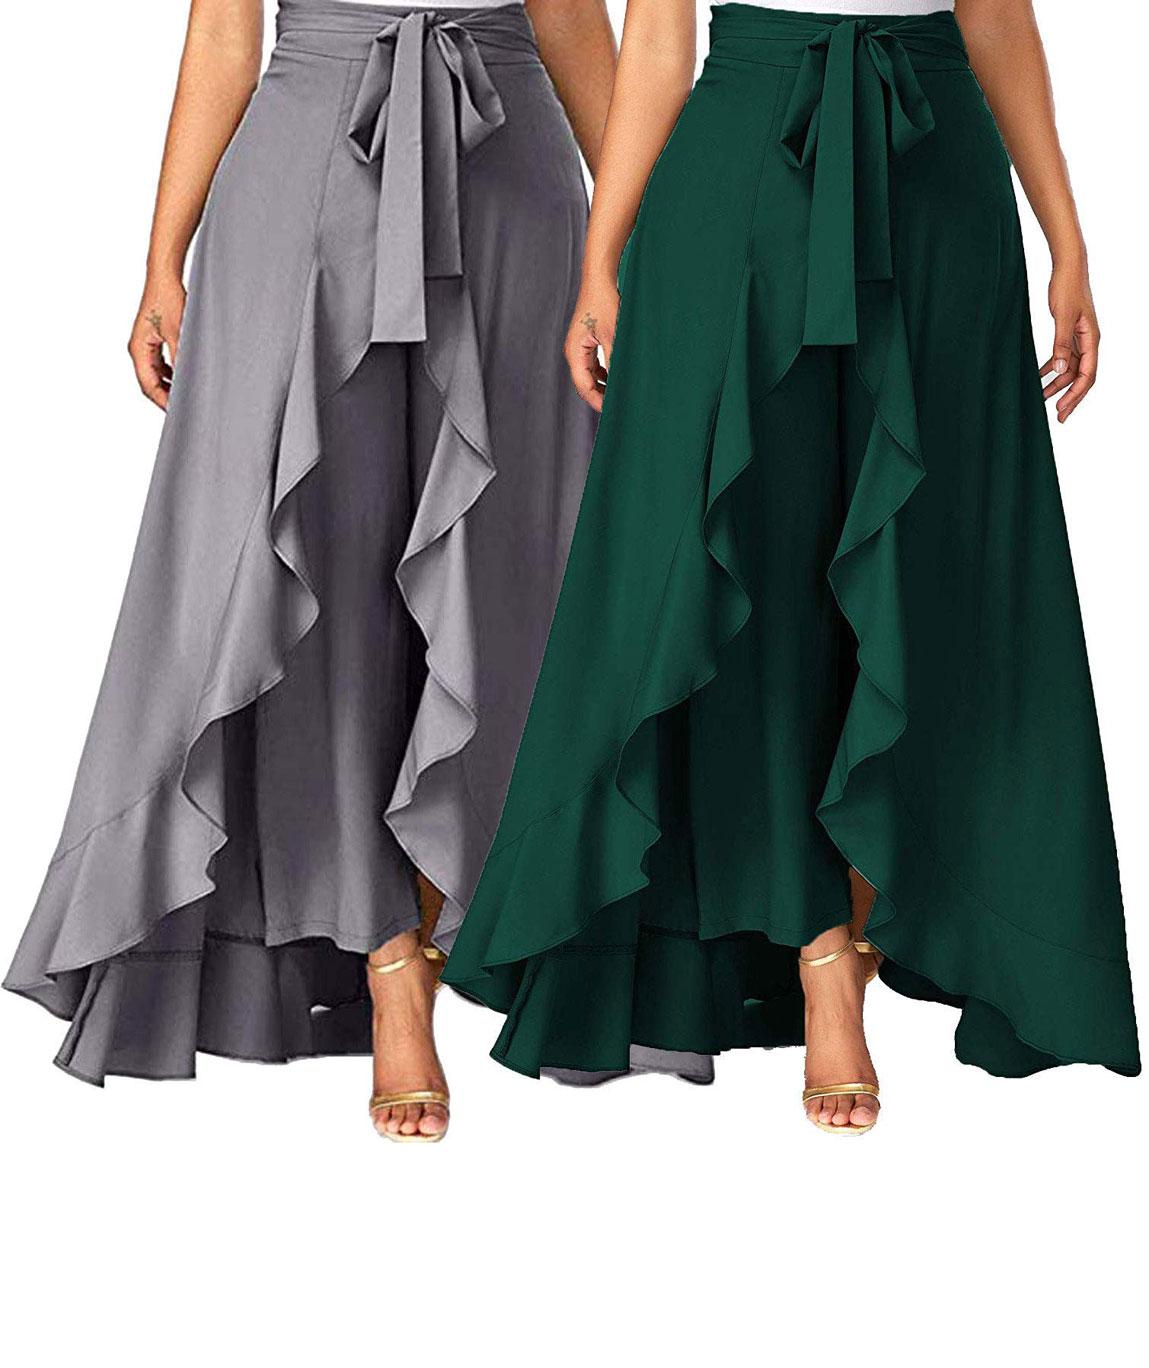 Women`s/Girls Crepe Solid Tie-Waist Layered/Ruffle Skirt Palazzo(dark green&grey)